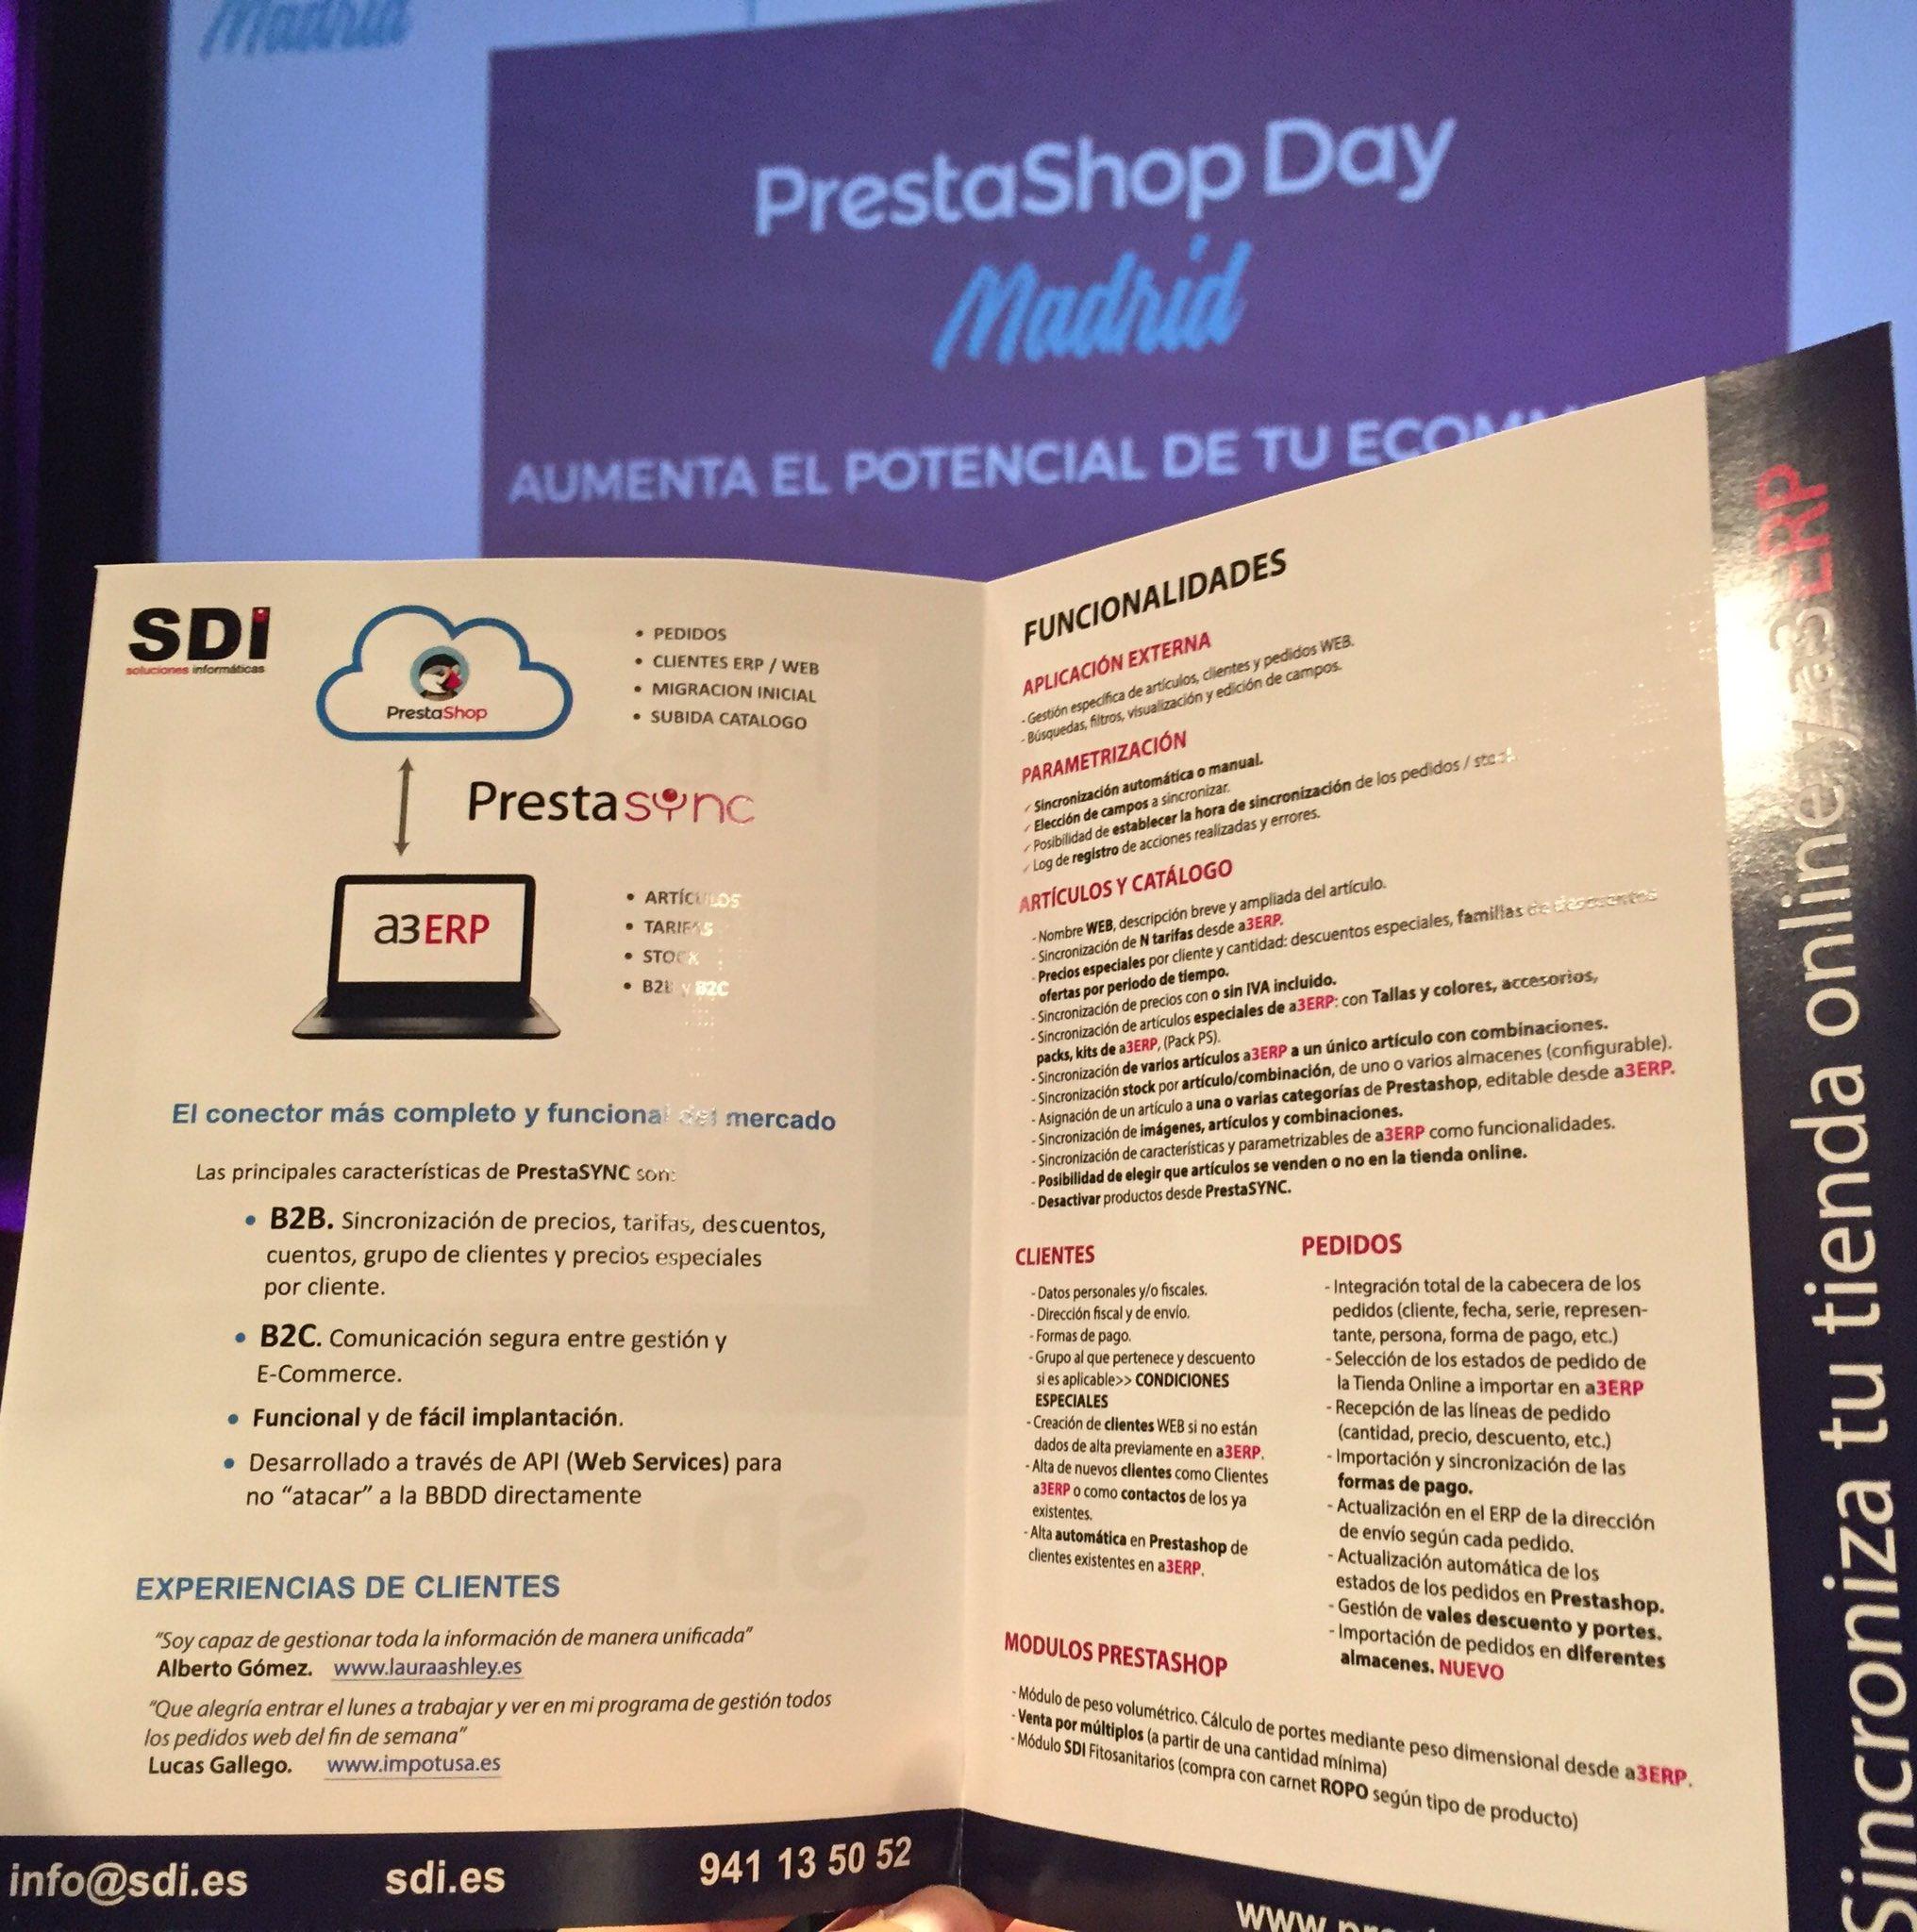 SDI patrocina el PrestaShop Day 3